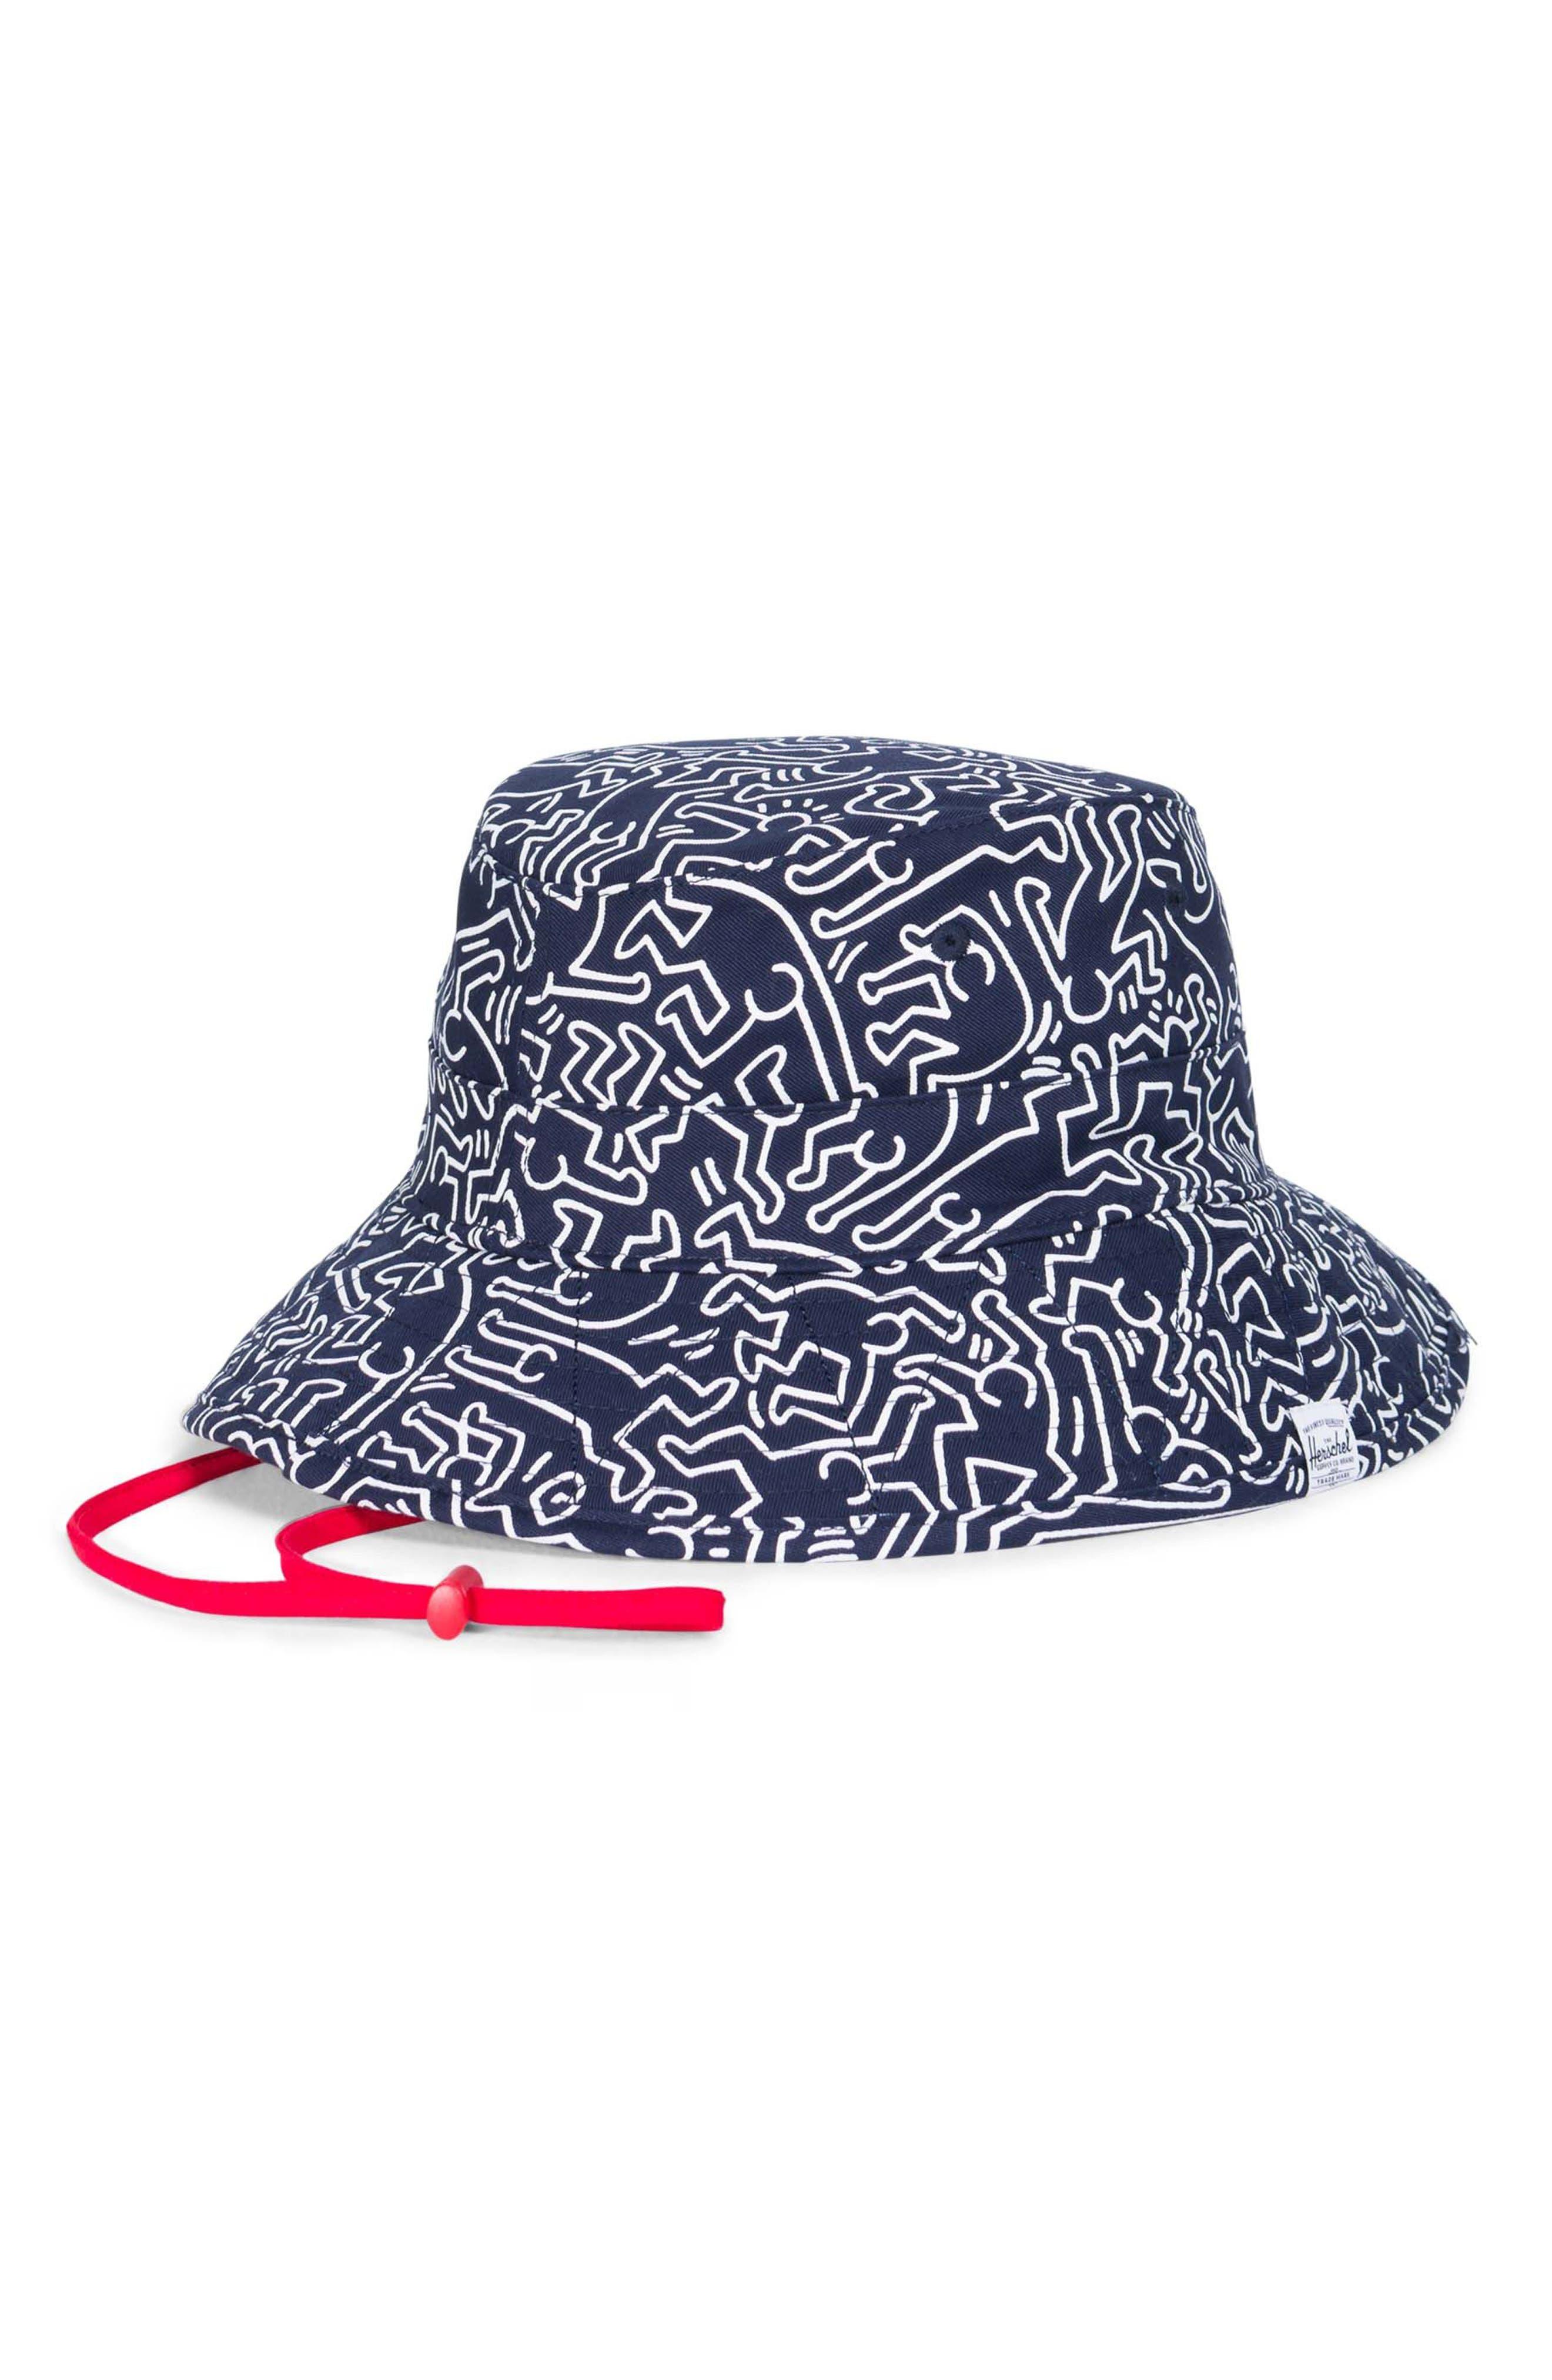 Herschel Supply Co. Creek x Keith Haring Bucket Hat